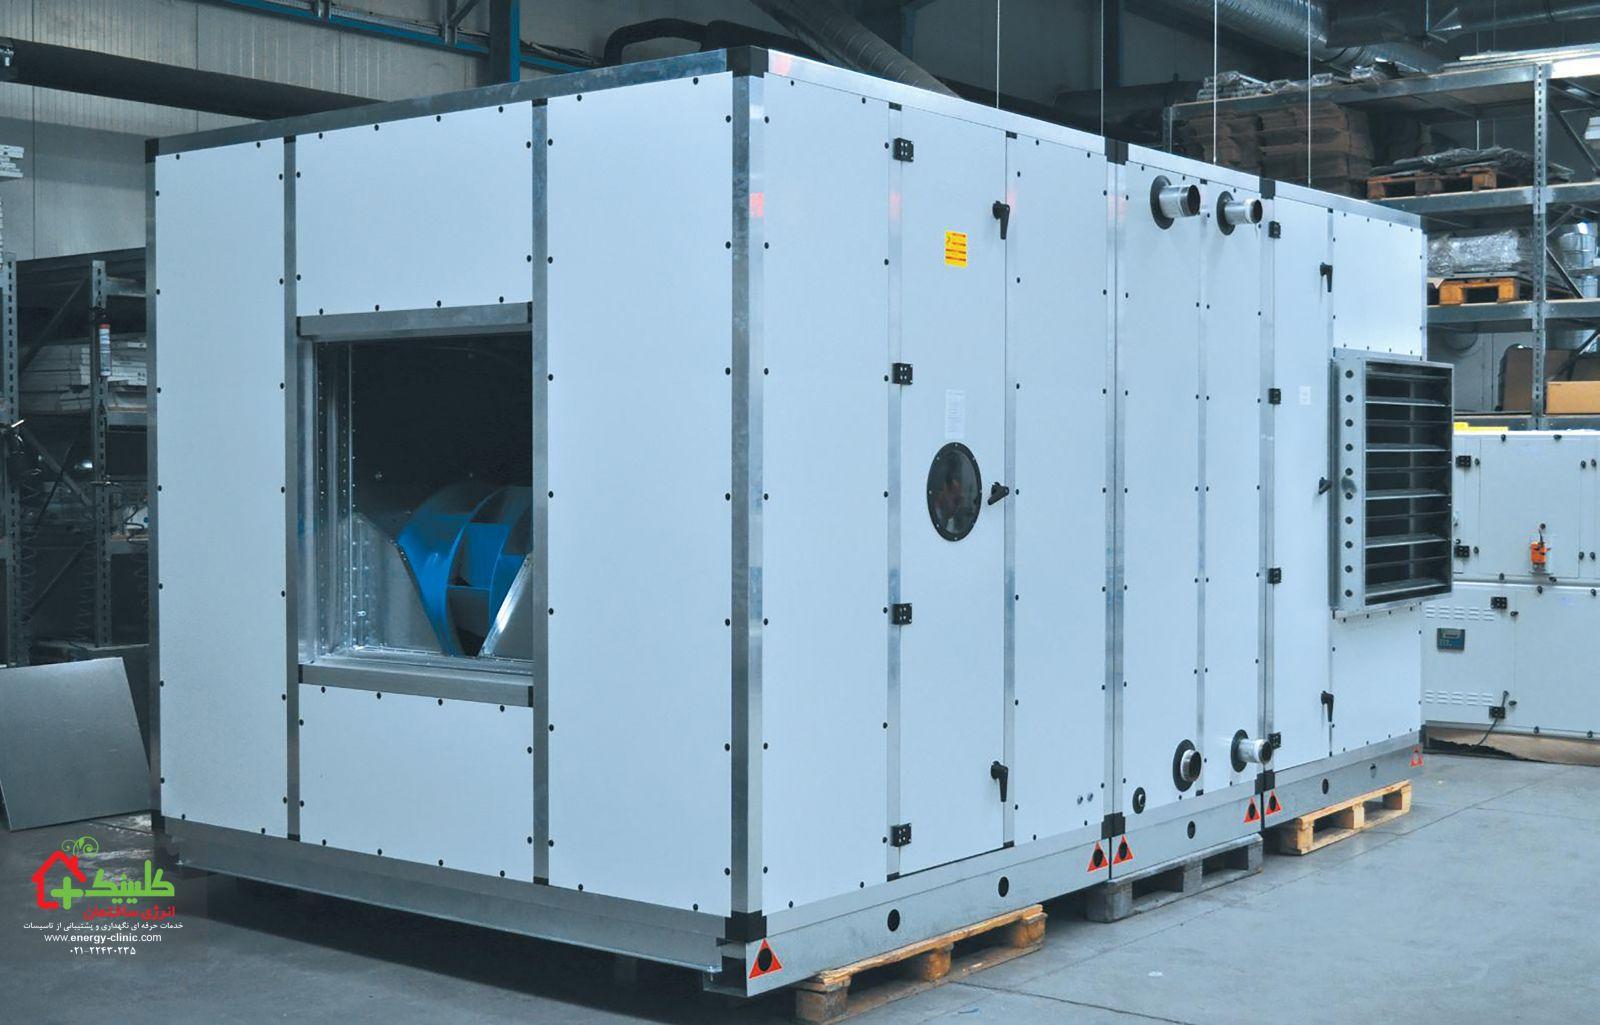 تعمیر و نگهداری واحدهای تصفیه هوا